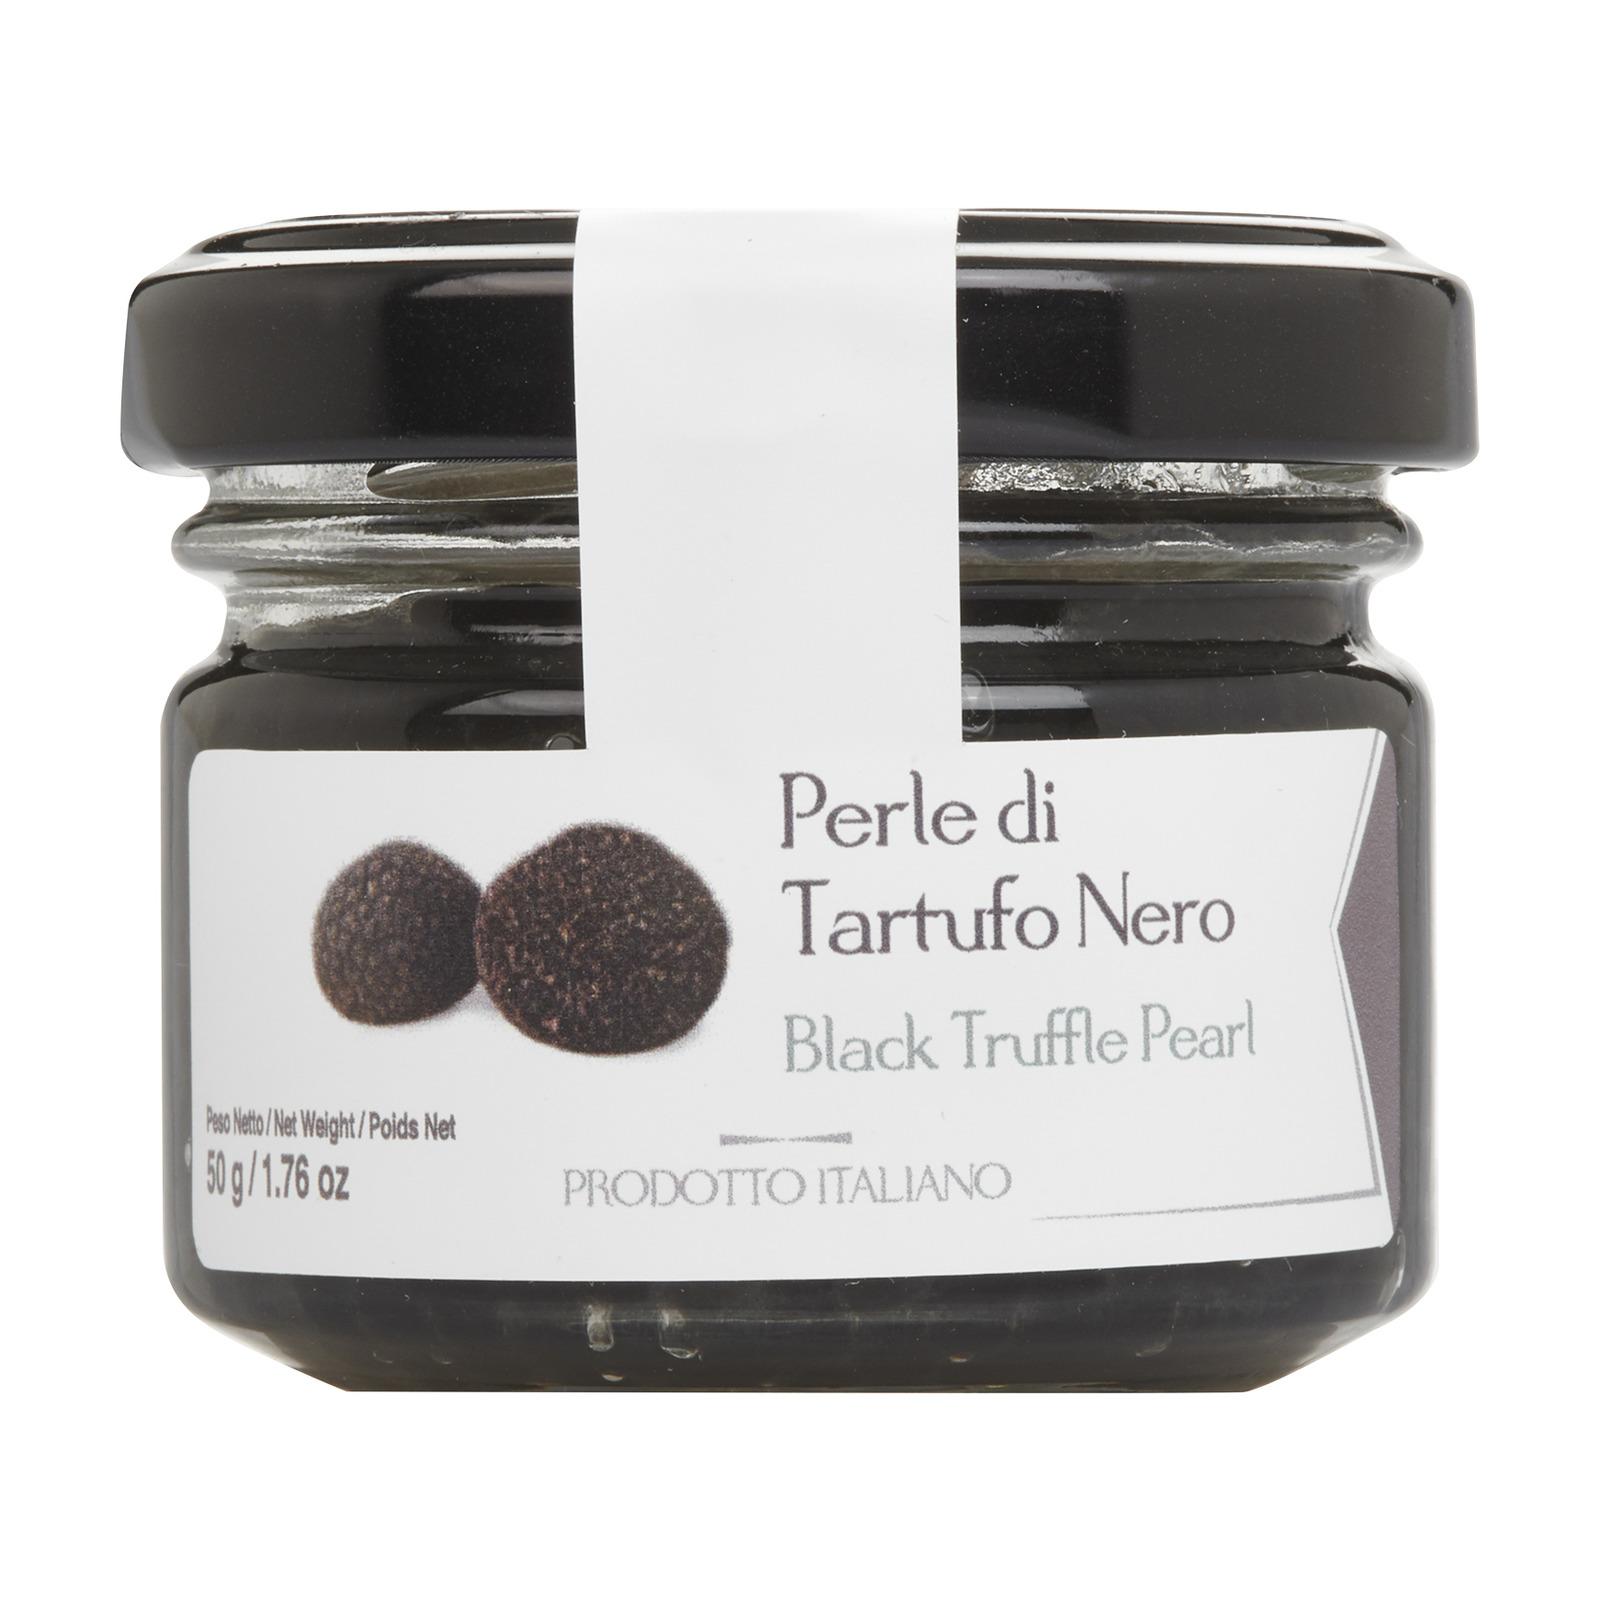 ARTIGIANI DEL TARTUFO Black Truffle Pearls